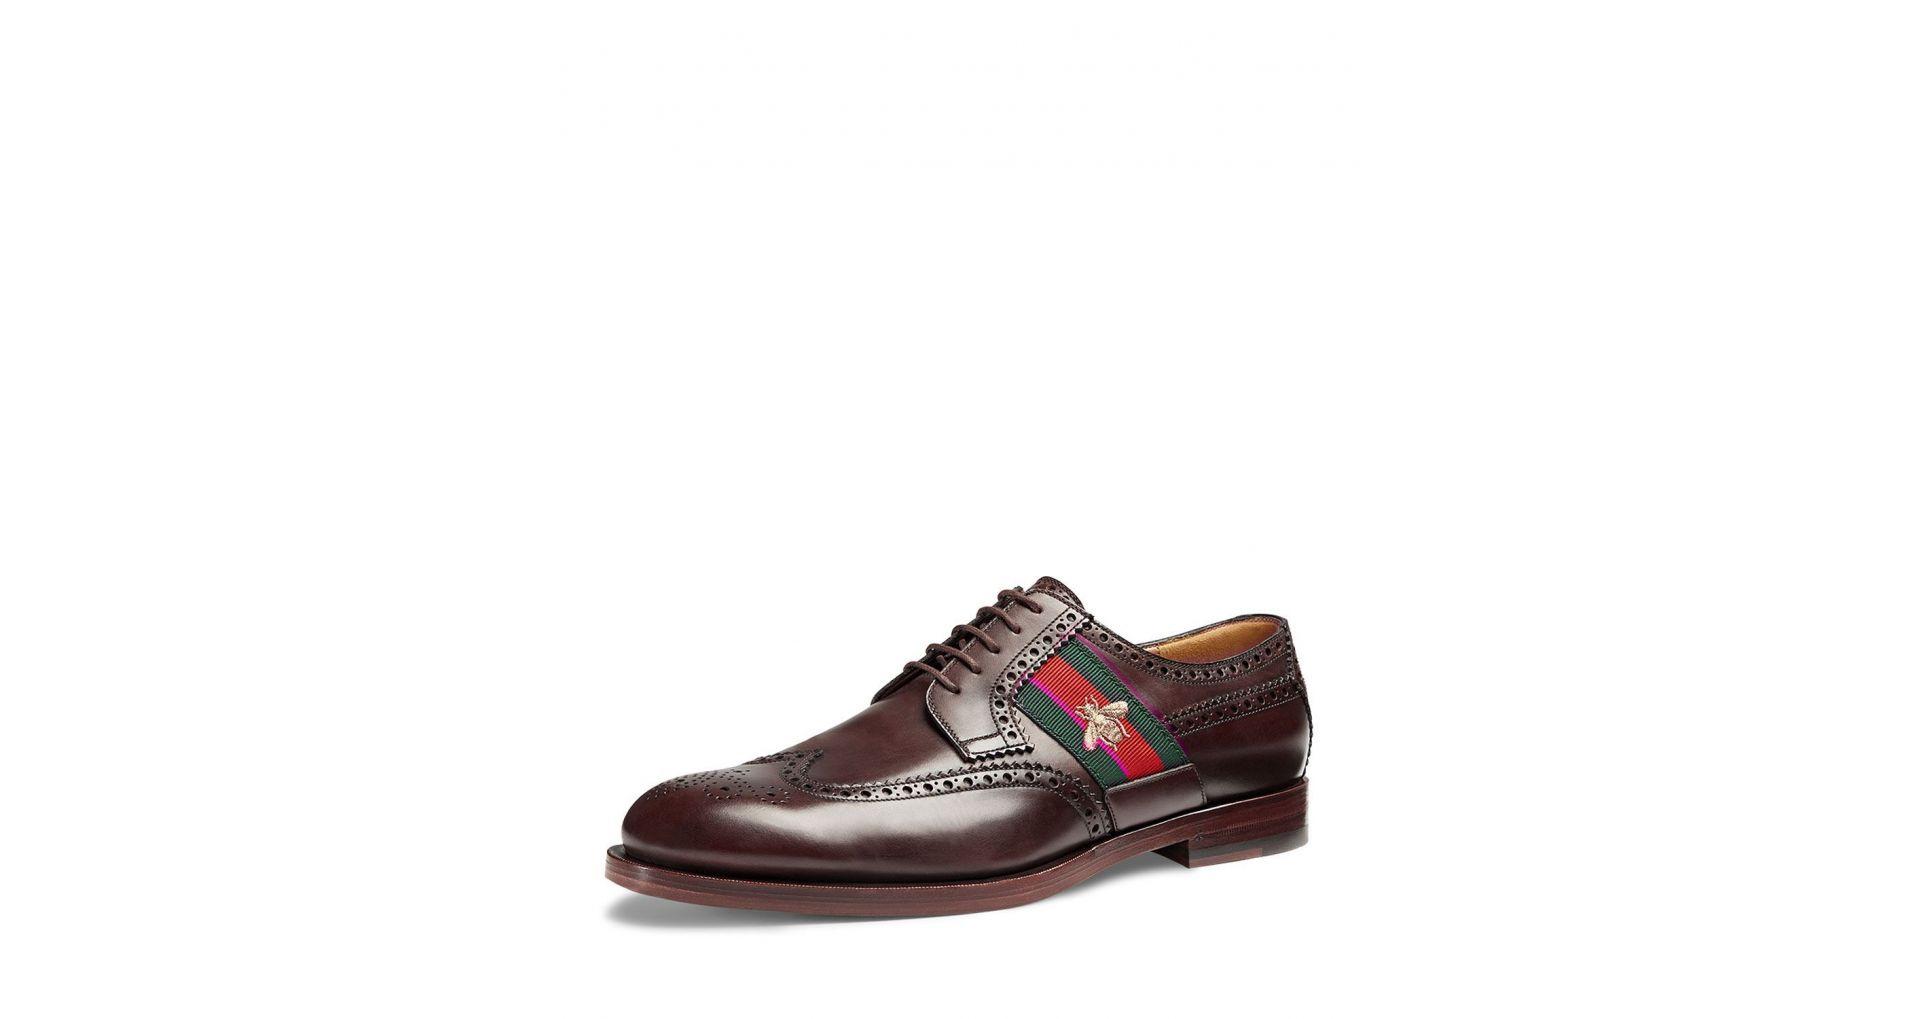 Pantofi clasici, cu si fara siret, branduri renumite